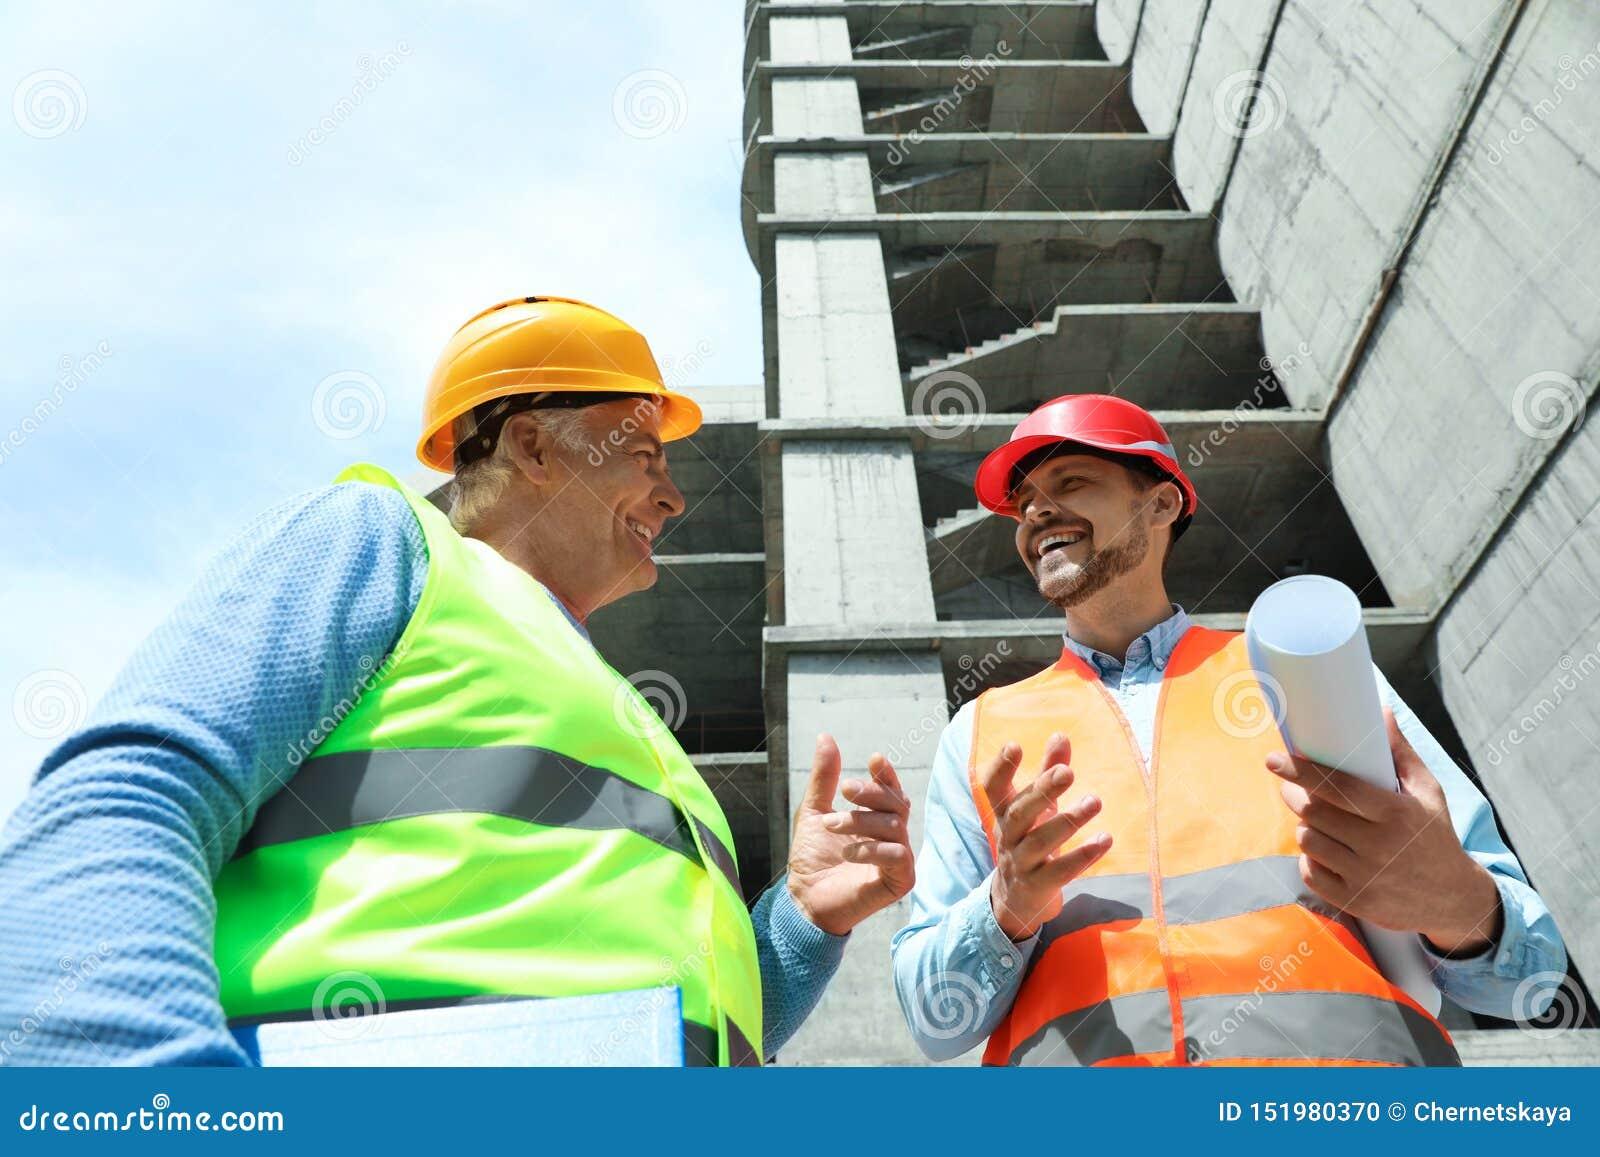 Επαγγελματικοί μηχανικοί στον εξοπλισμό ασφάλειας